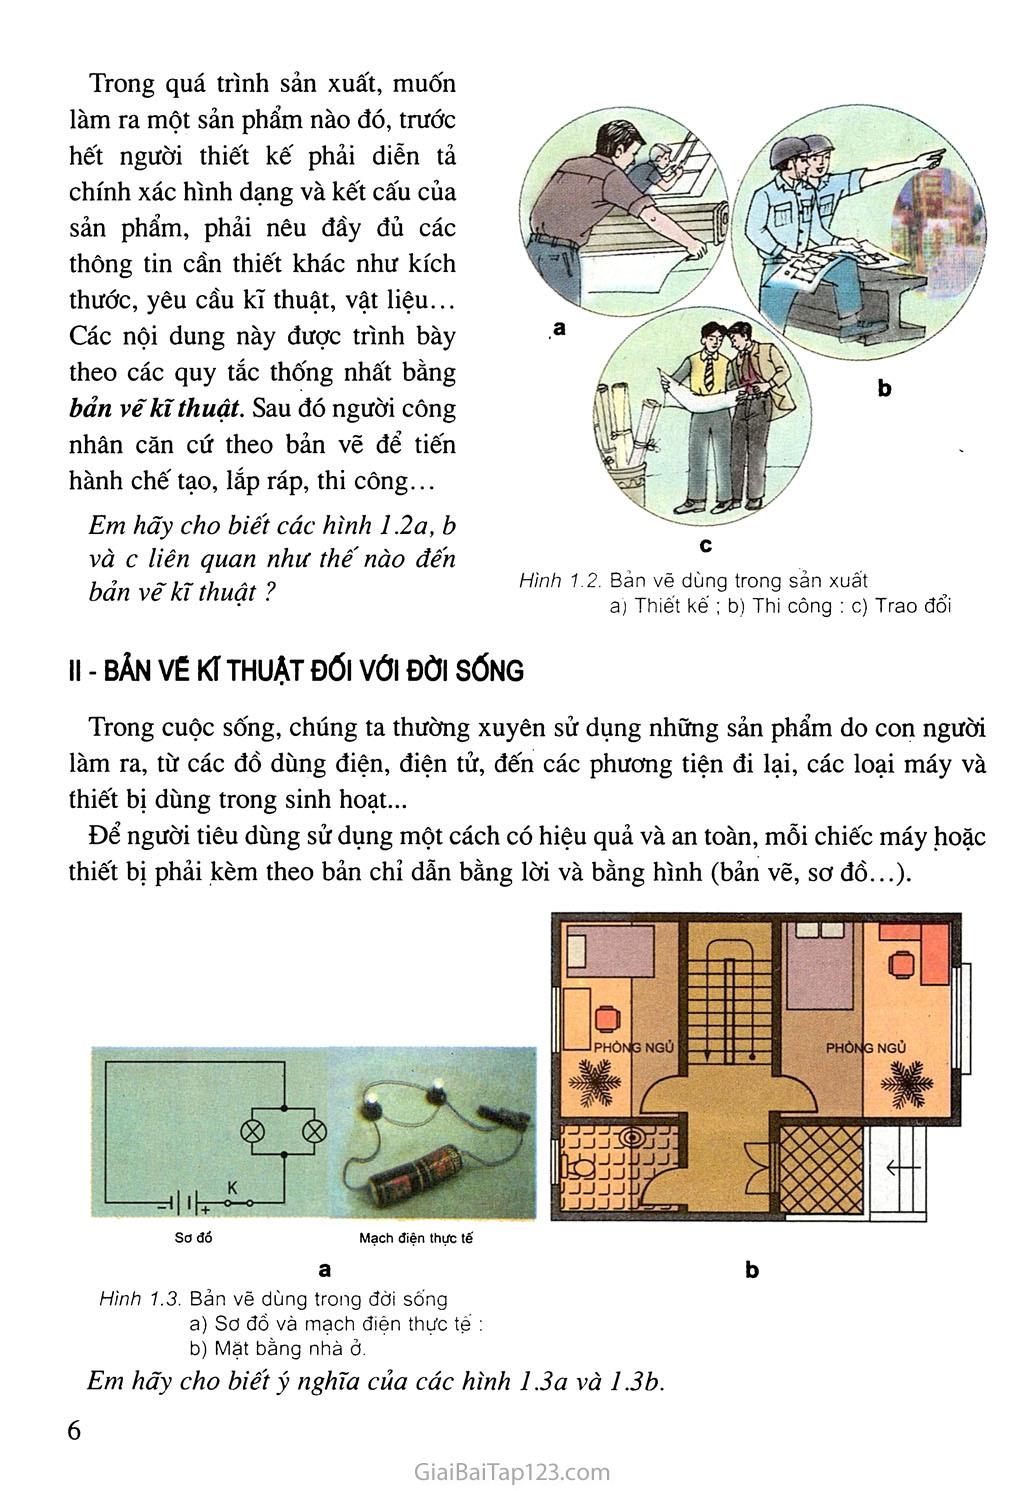 Bài 1. Vai trò của bản vẽ kĩ thuật trong sản xuất và đời sống trang 3